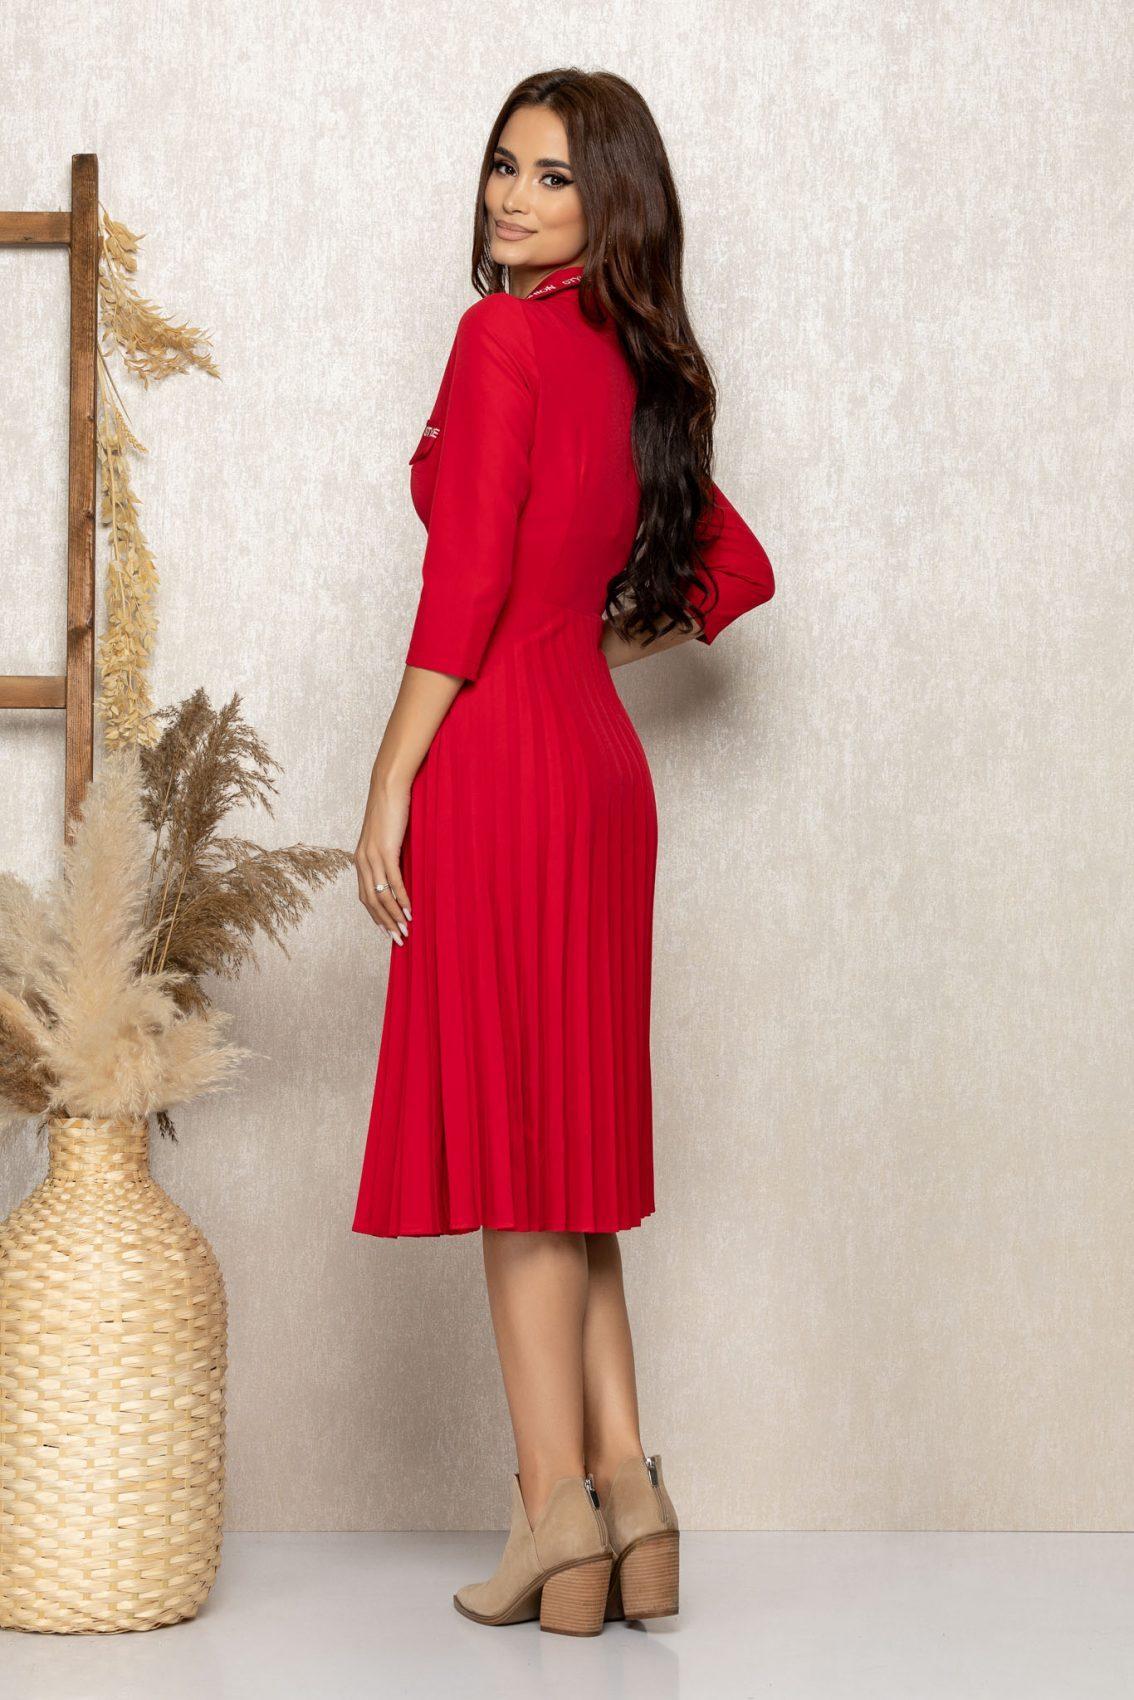 Κόκκινο Πλισέ Φόρεμα Fashion 9279 2